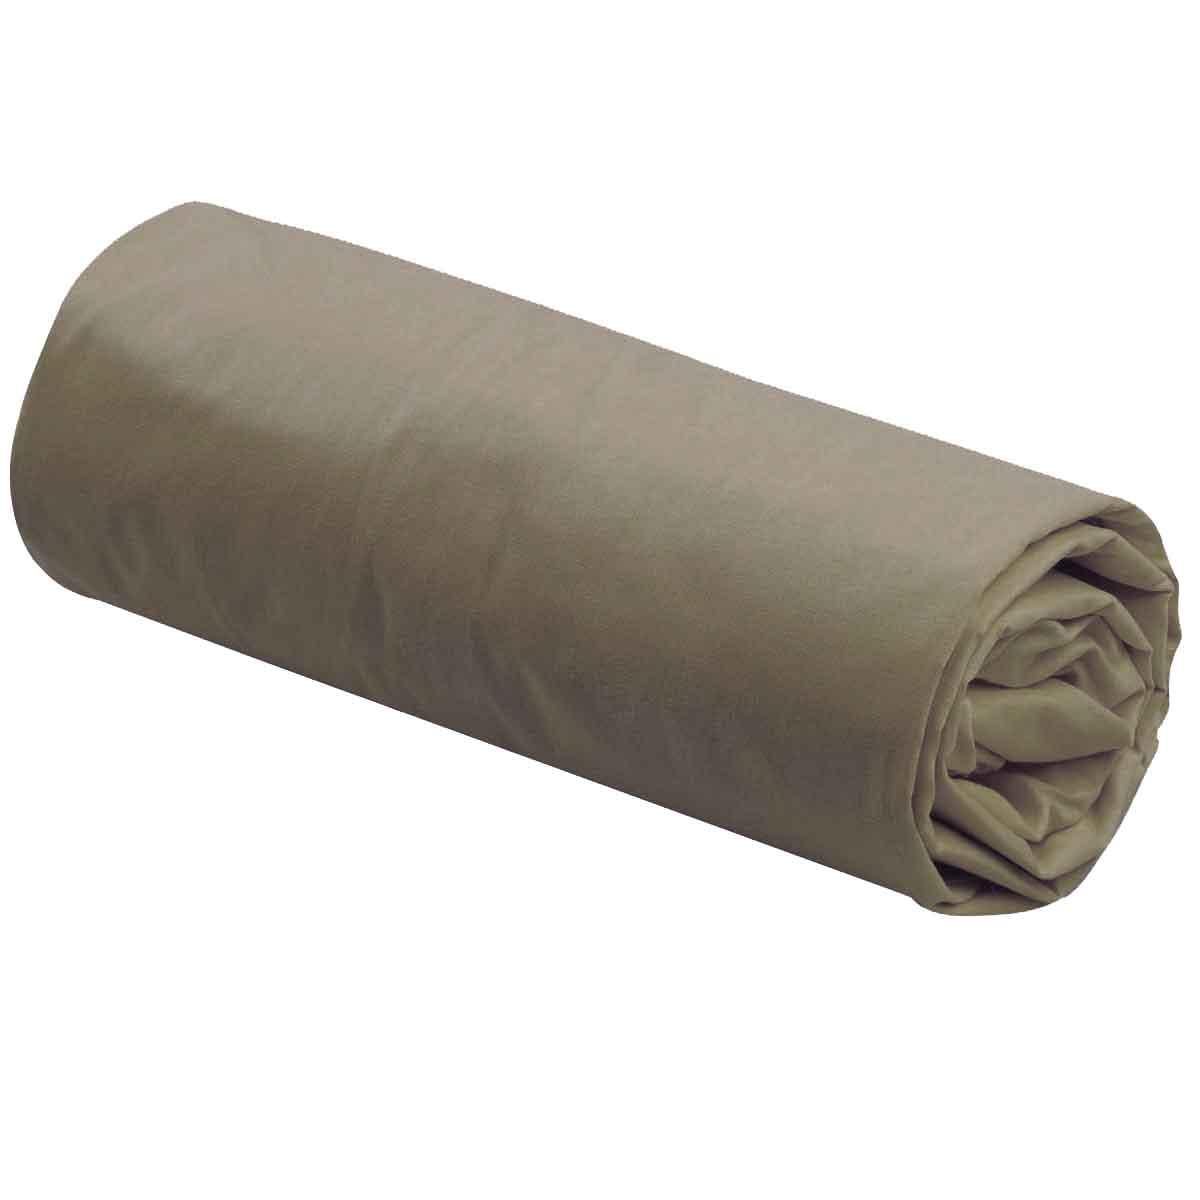 Drap Housse Uni 100% Coton - Lin - 140 x 190 cm